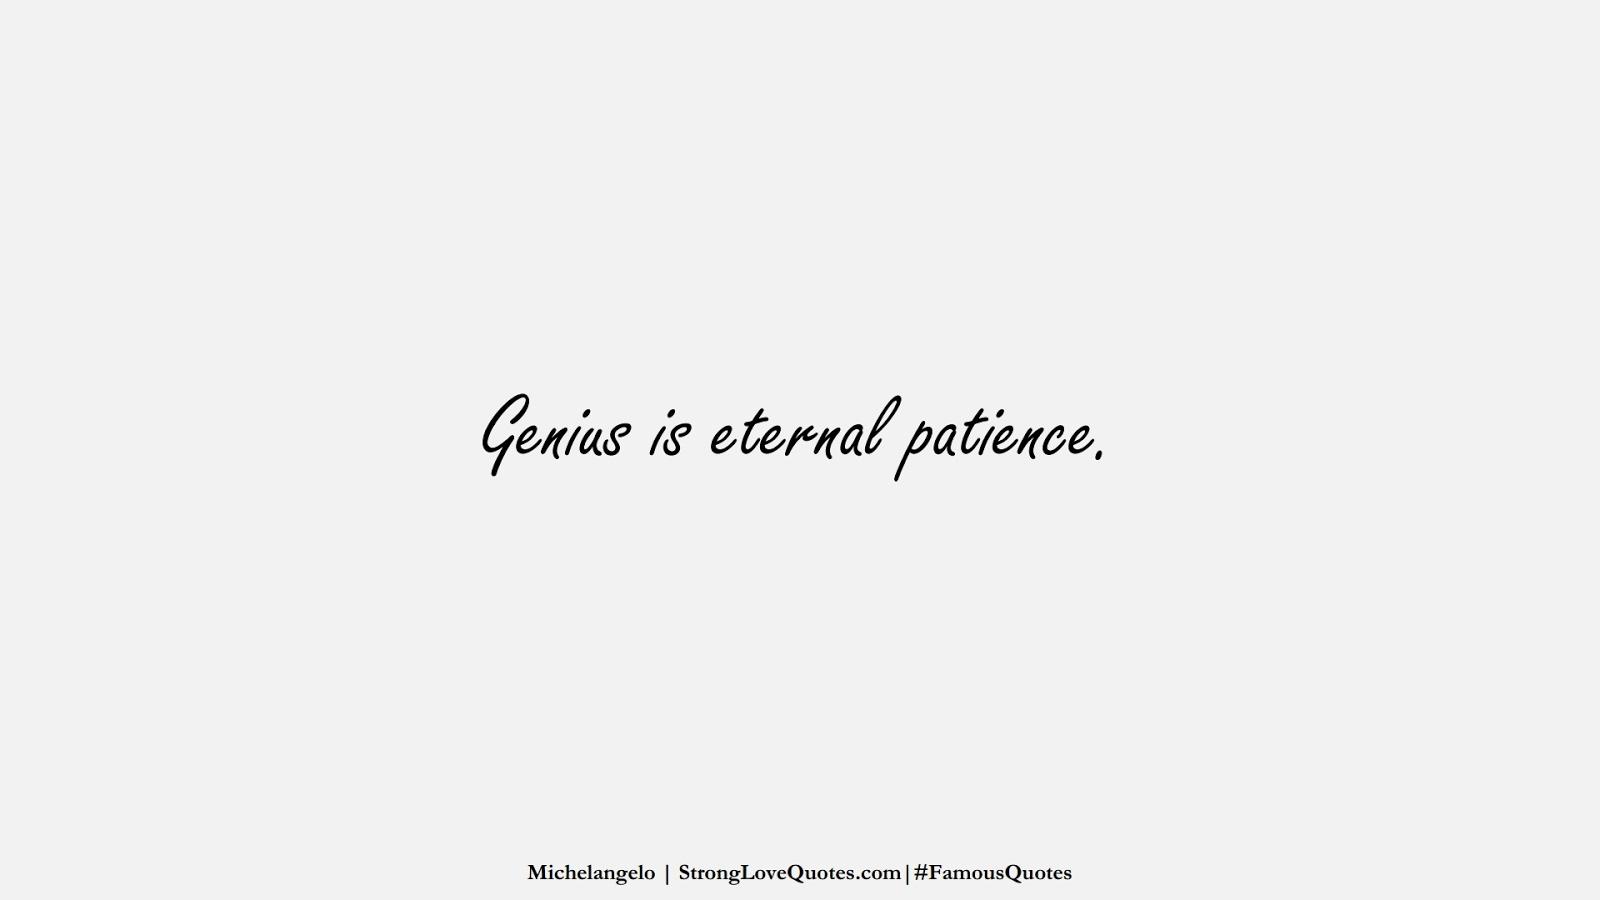 Genius is eternal patience. (Michelangelo);  #FamousQuotes